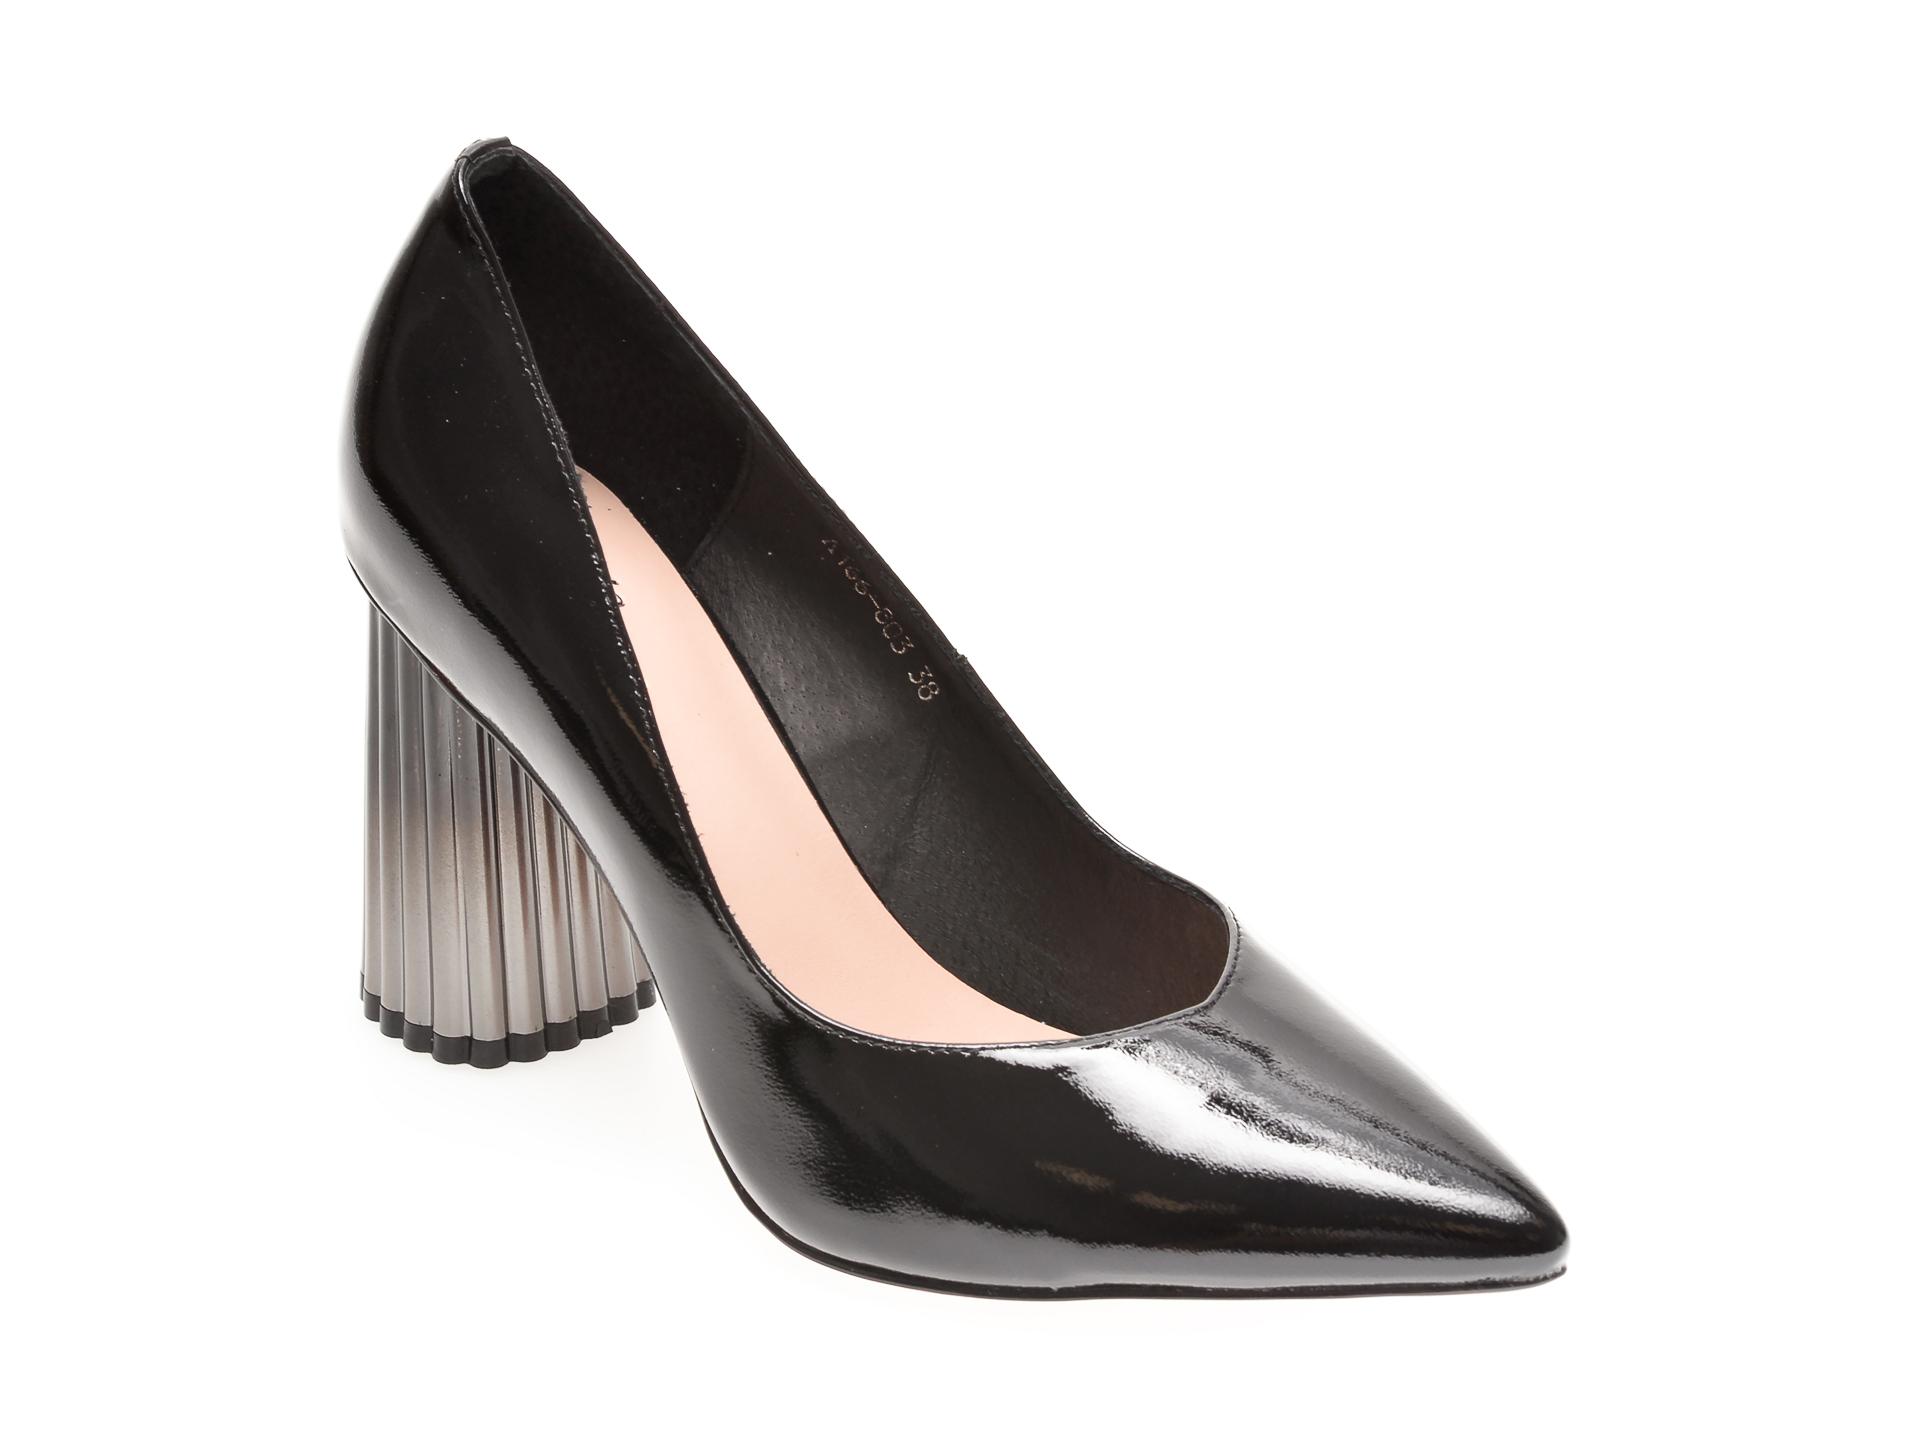 Pantofi FLAVIA PASSINI negri, A166803, din piele naturala lacuita imagine otter.ro